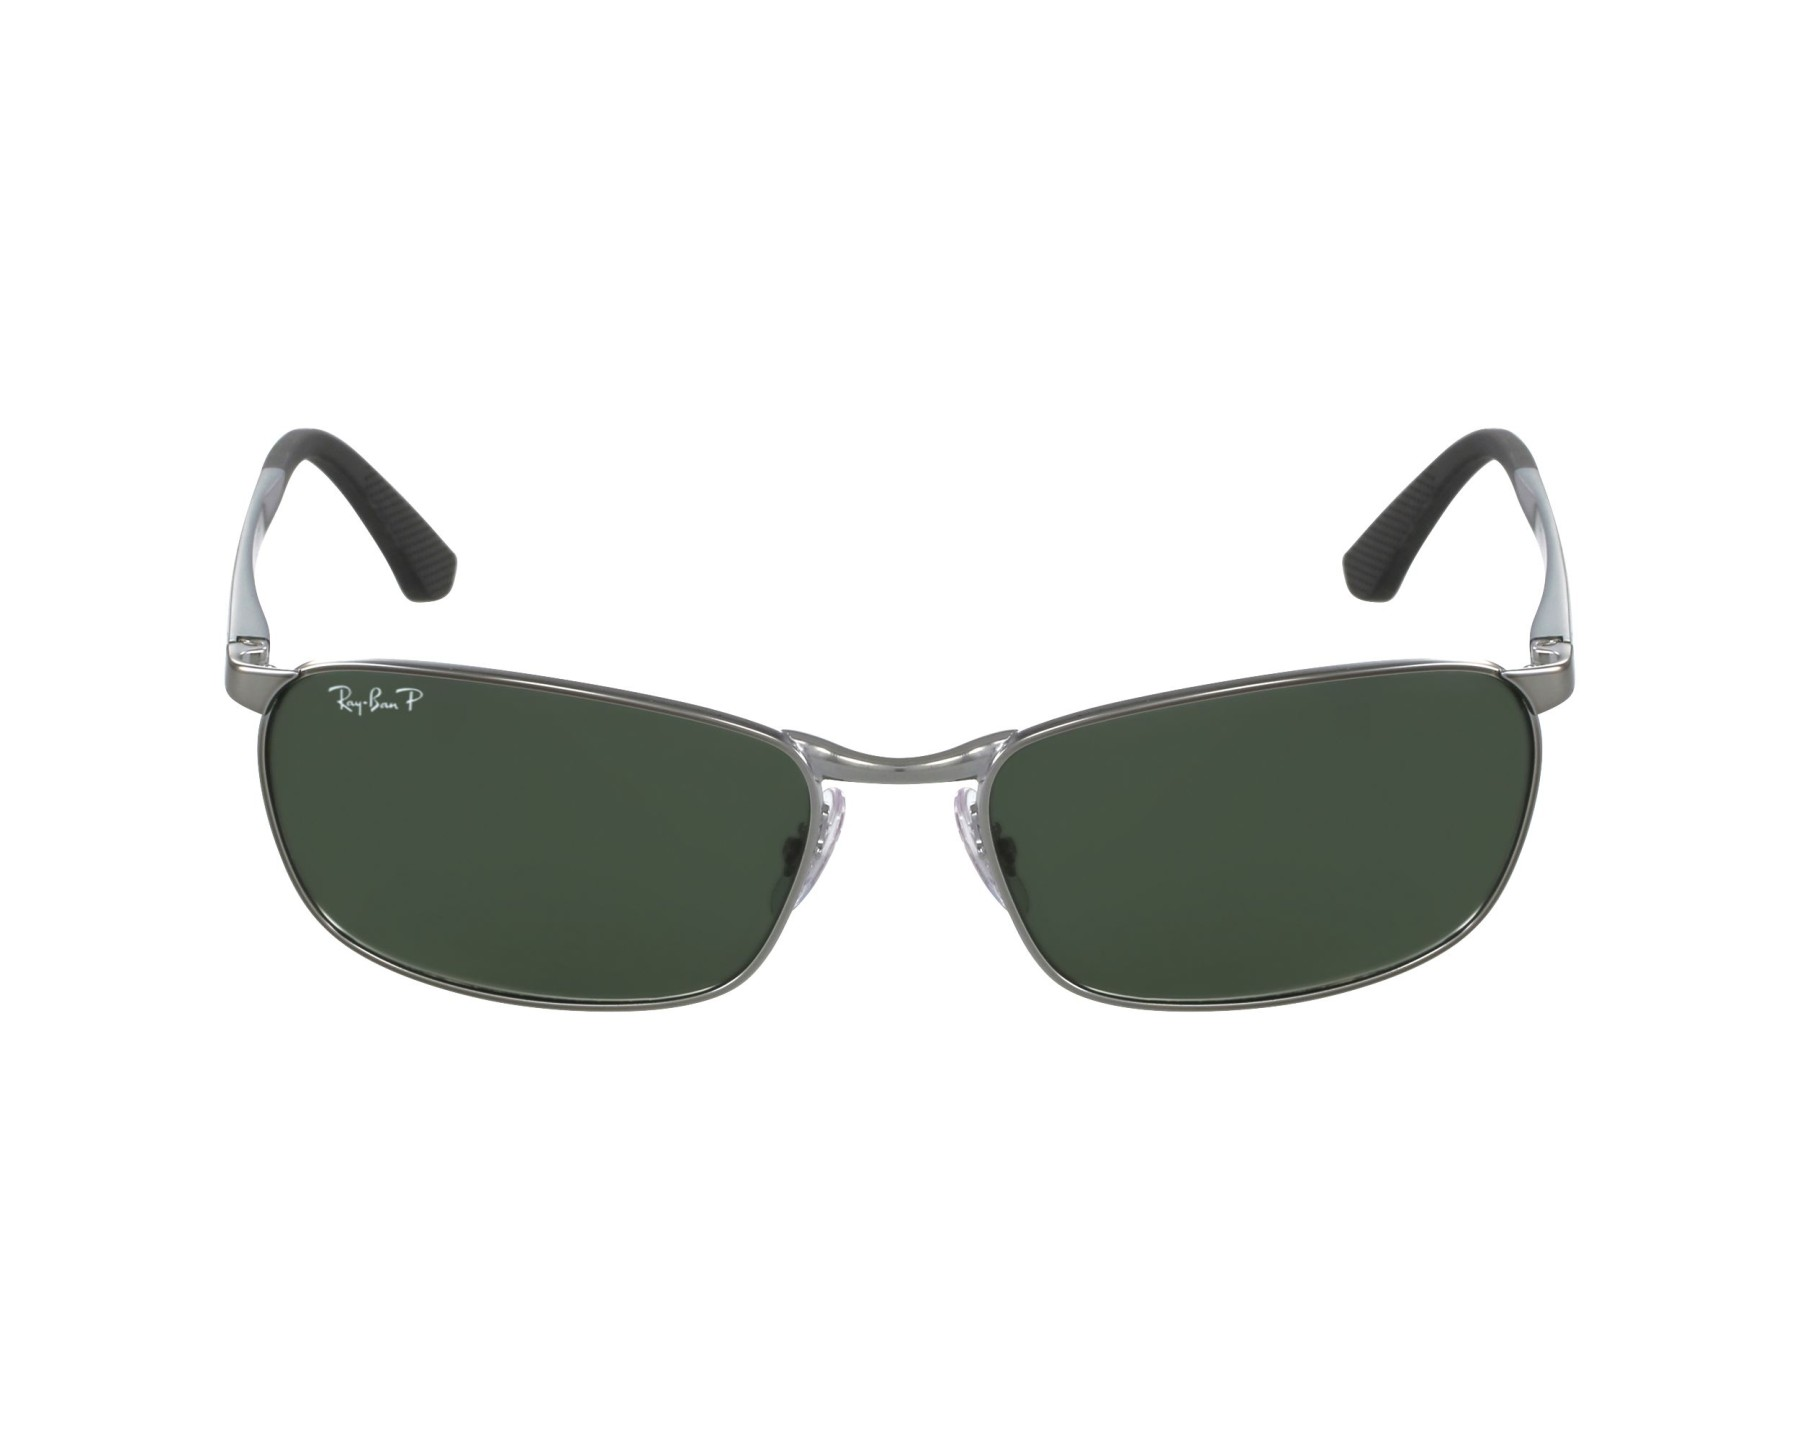 f7ab8f61e9f0 Cycling Sunglasses - Prescription Cycle Eyewear - Rxsport